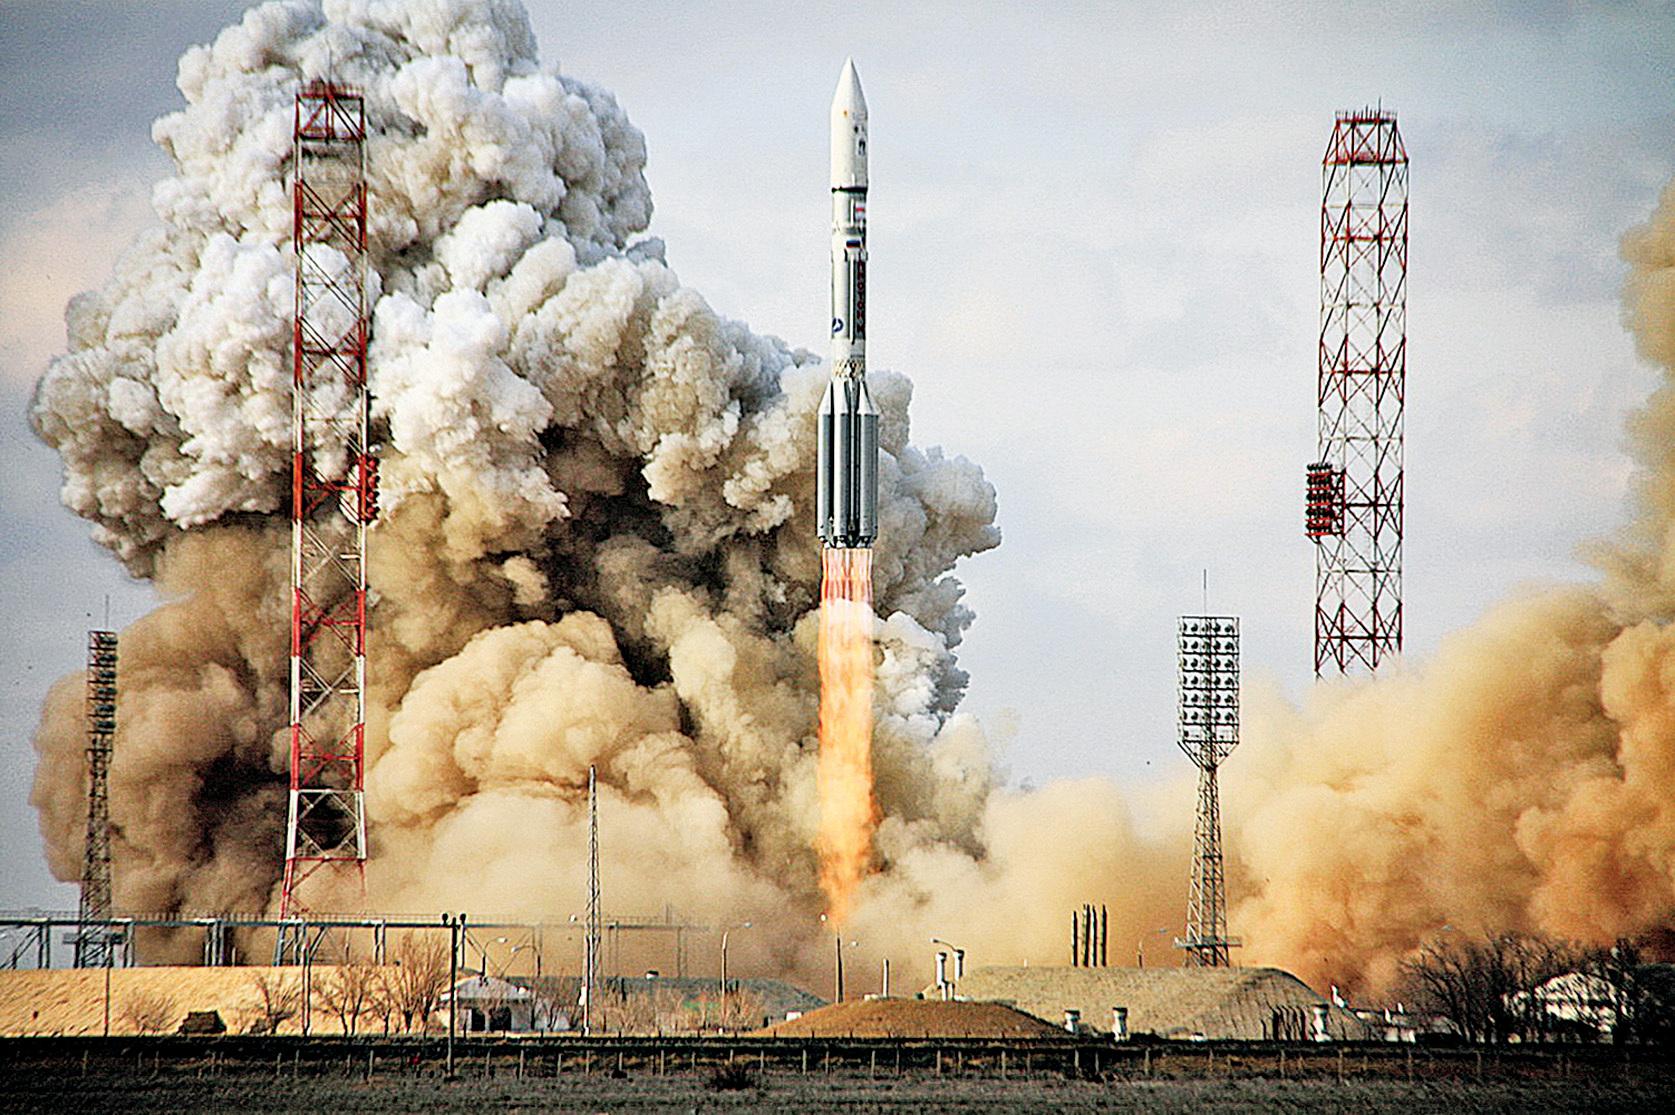 2012年波音製造的通信衛星組織-22衛星在哈薩克斯坦境內,由俄羅斯火箭幫助發射升空。(Getty Images)